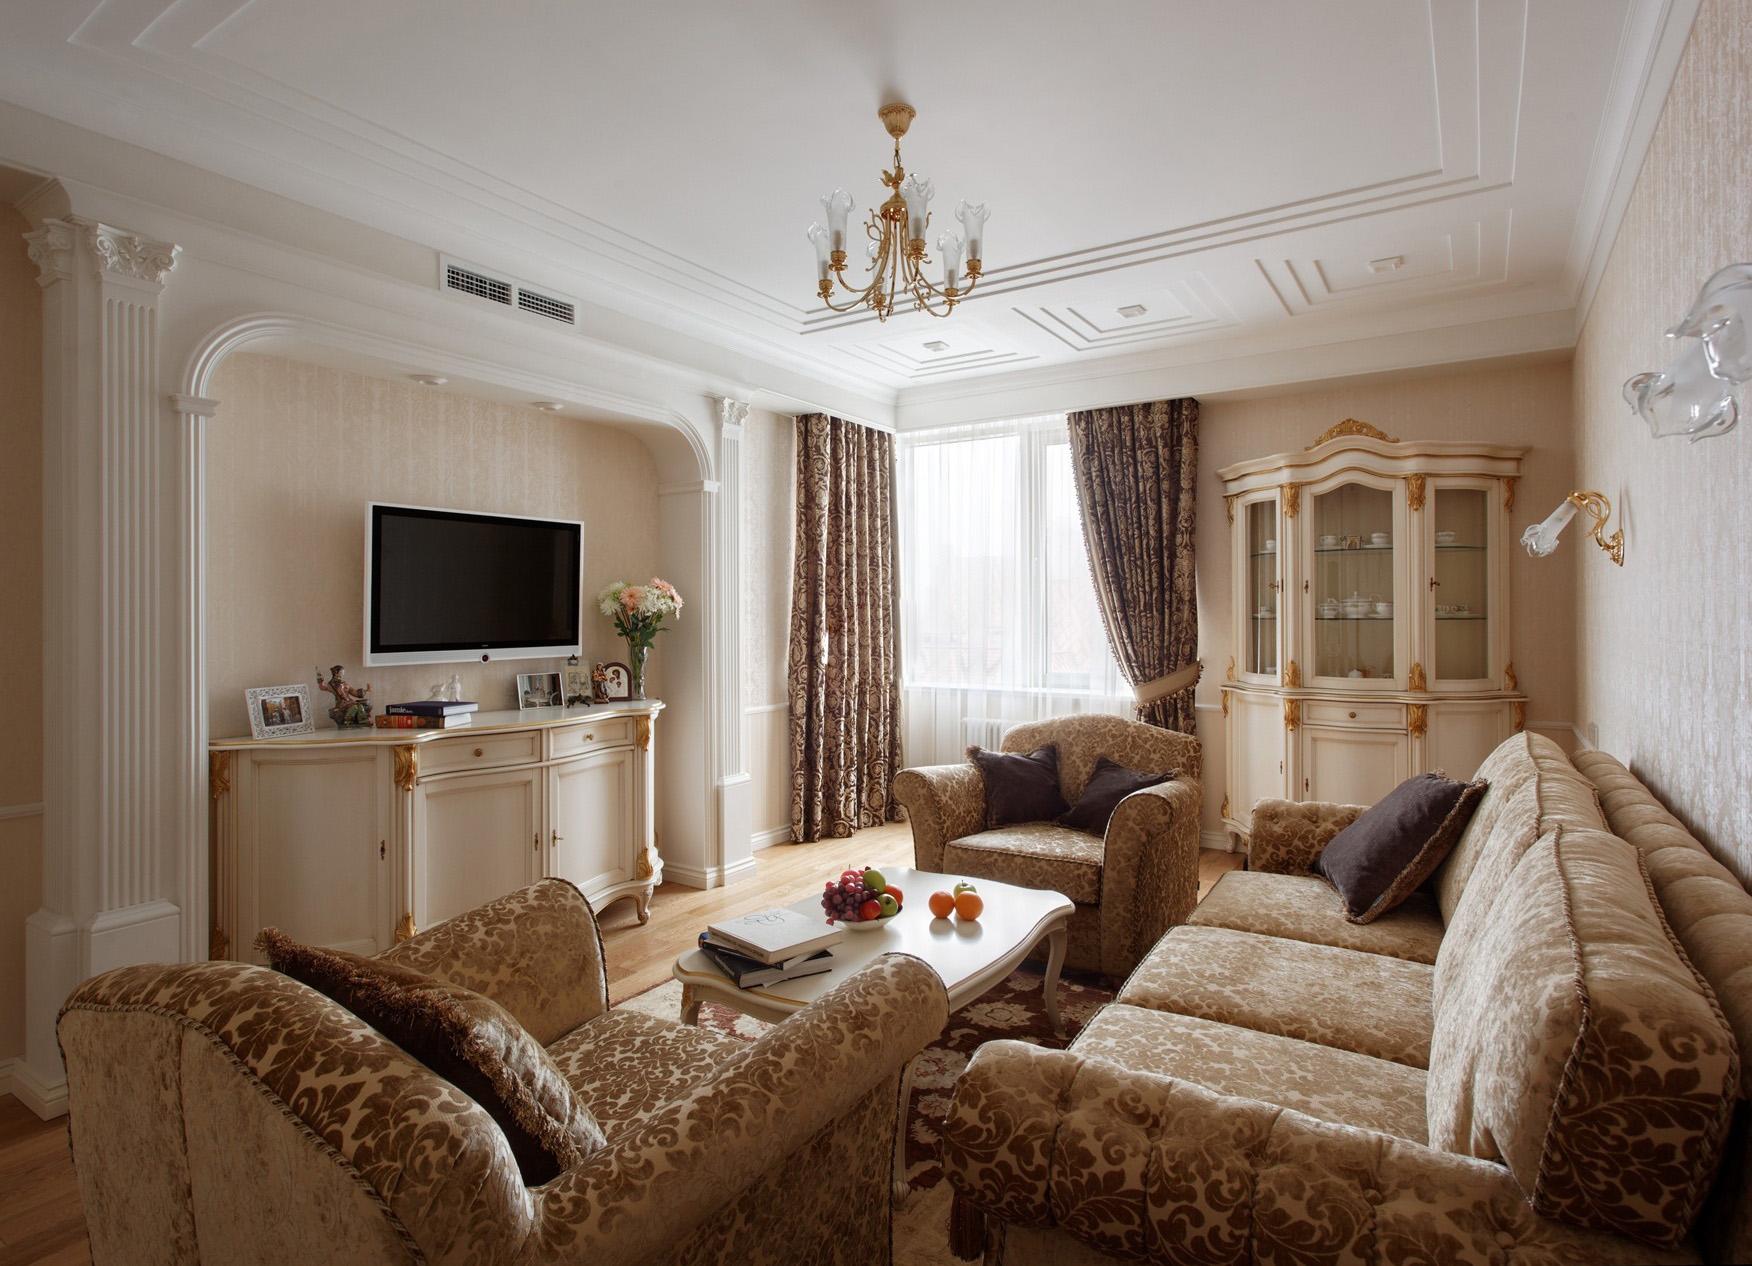 Бежево-золотистая мягкая мебель в классической гостиной